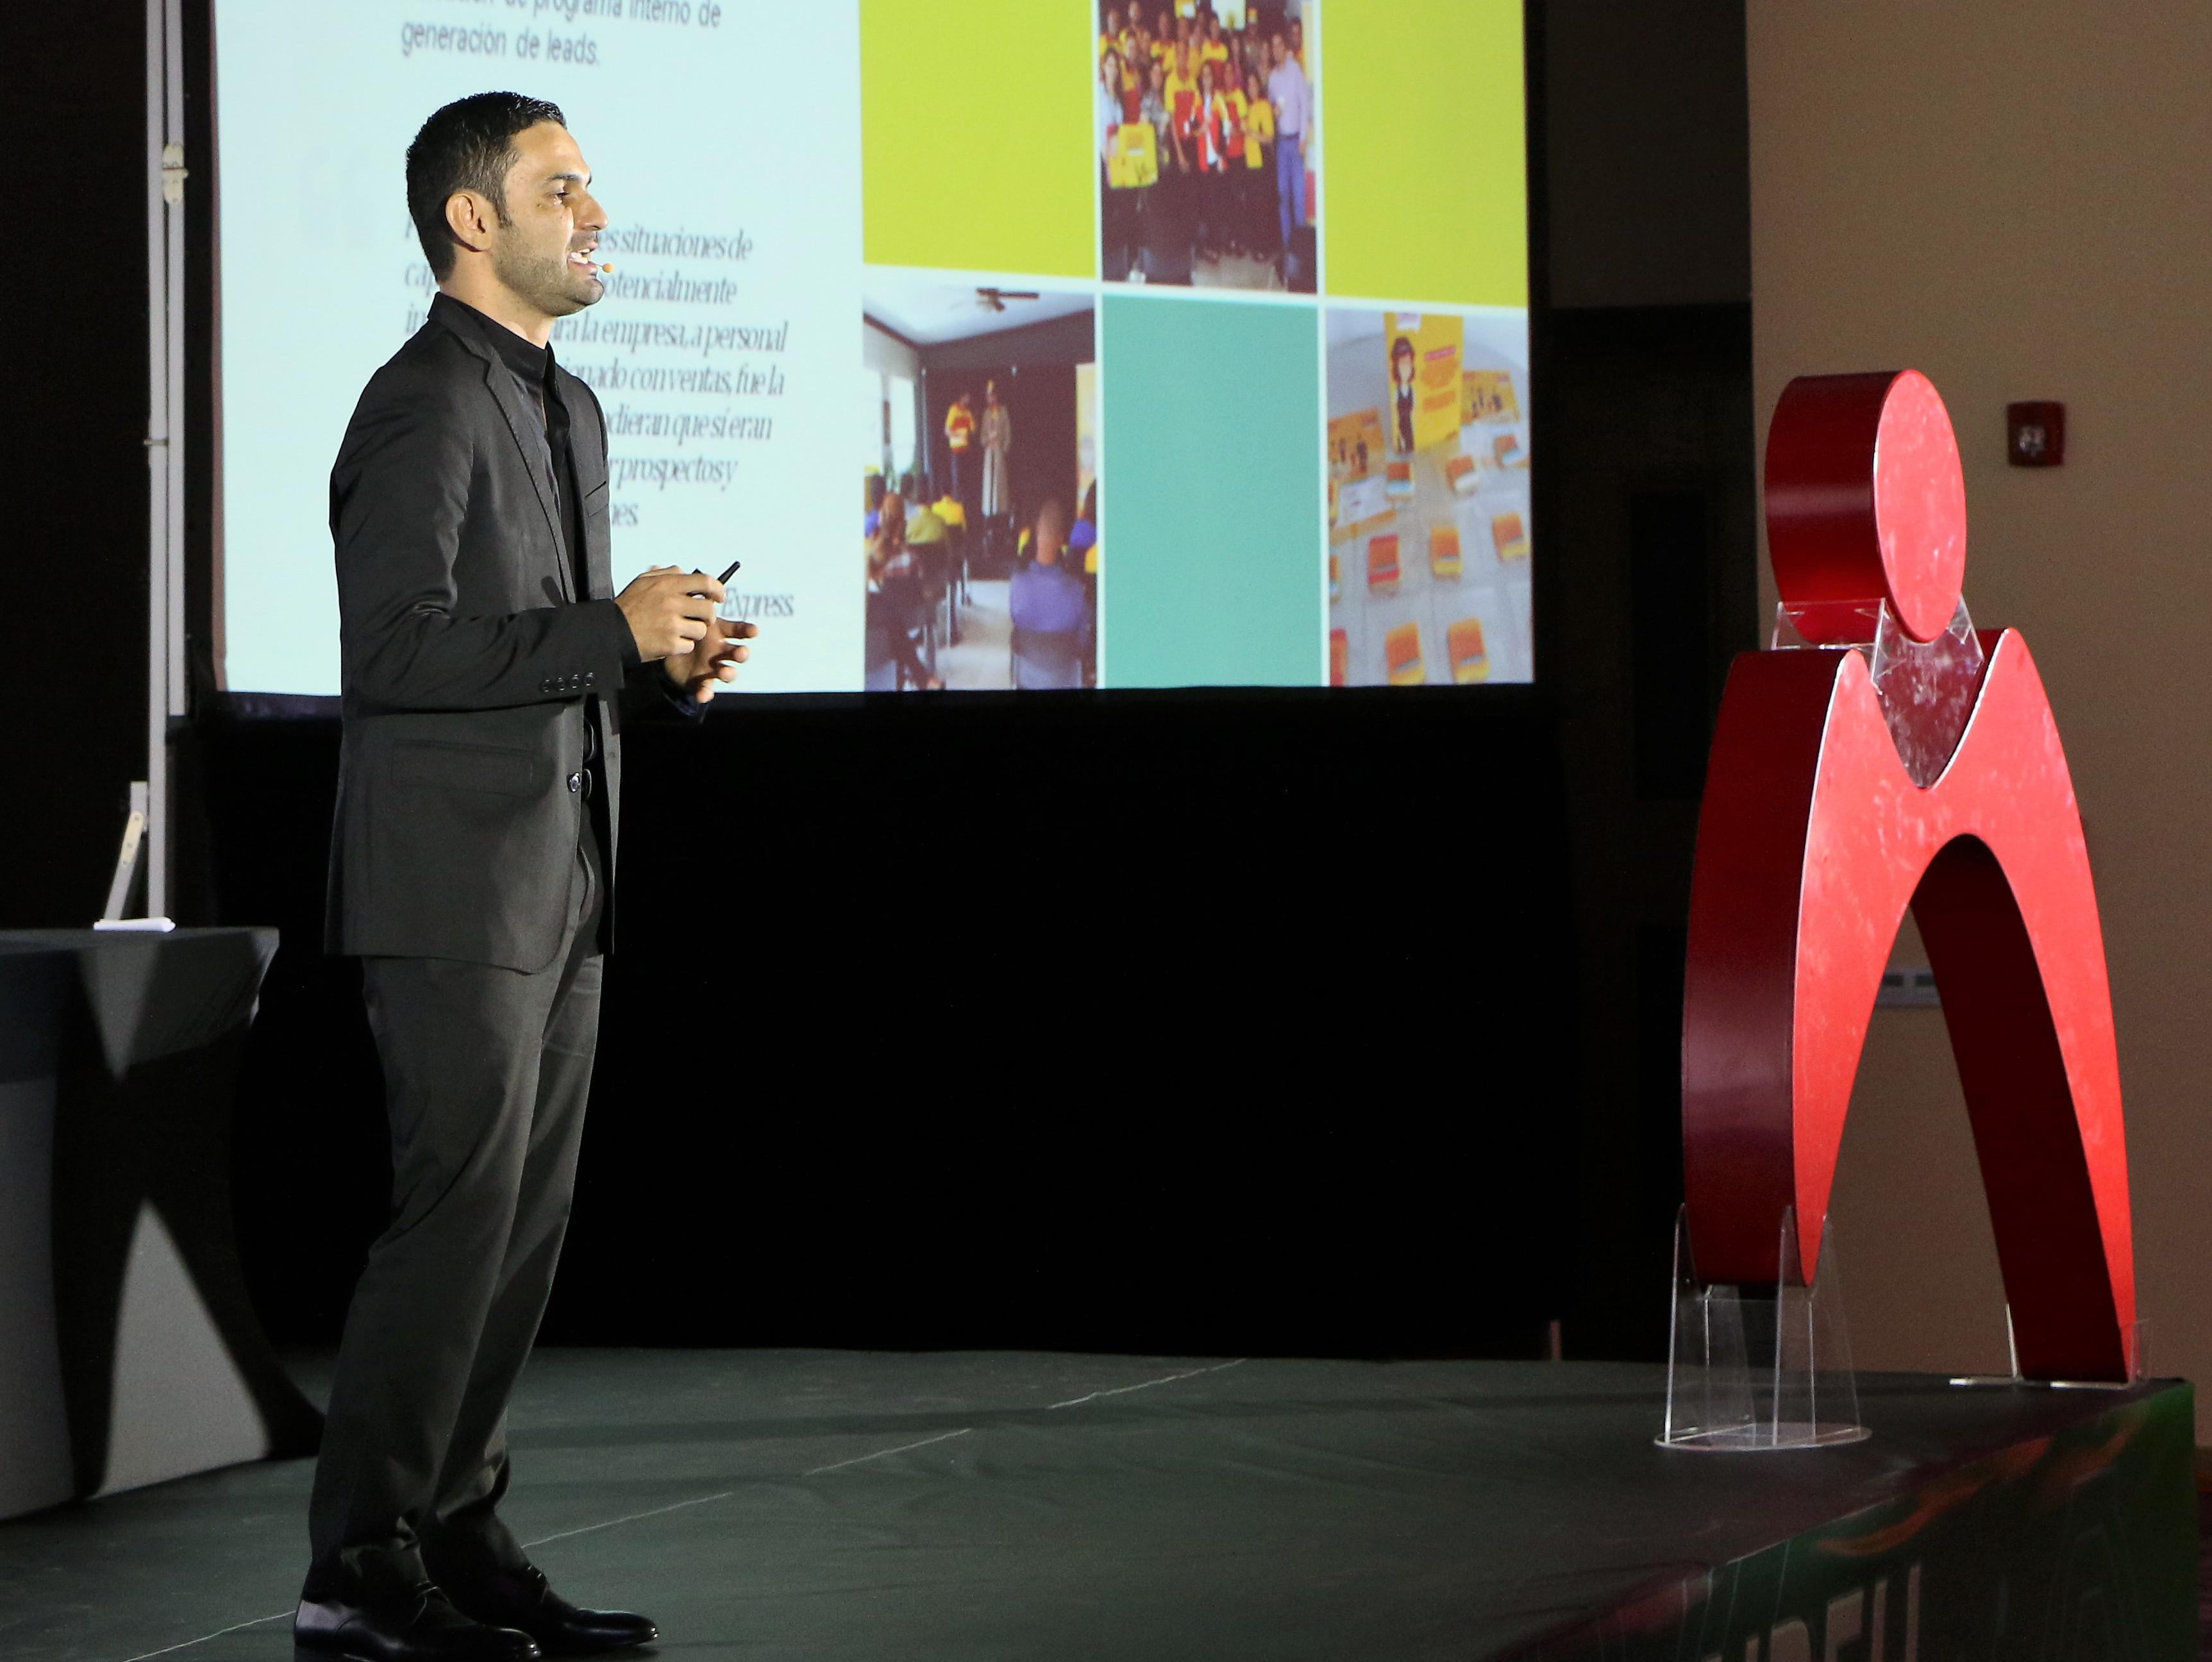 Curso de oratoria y hablar en público